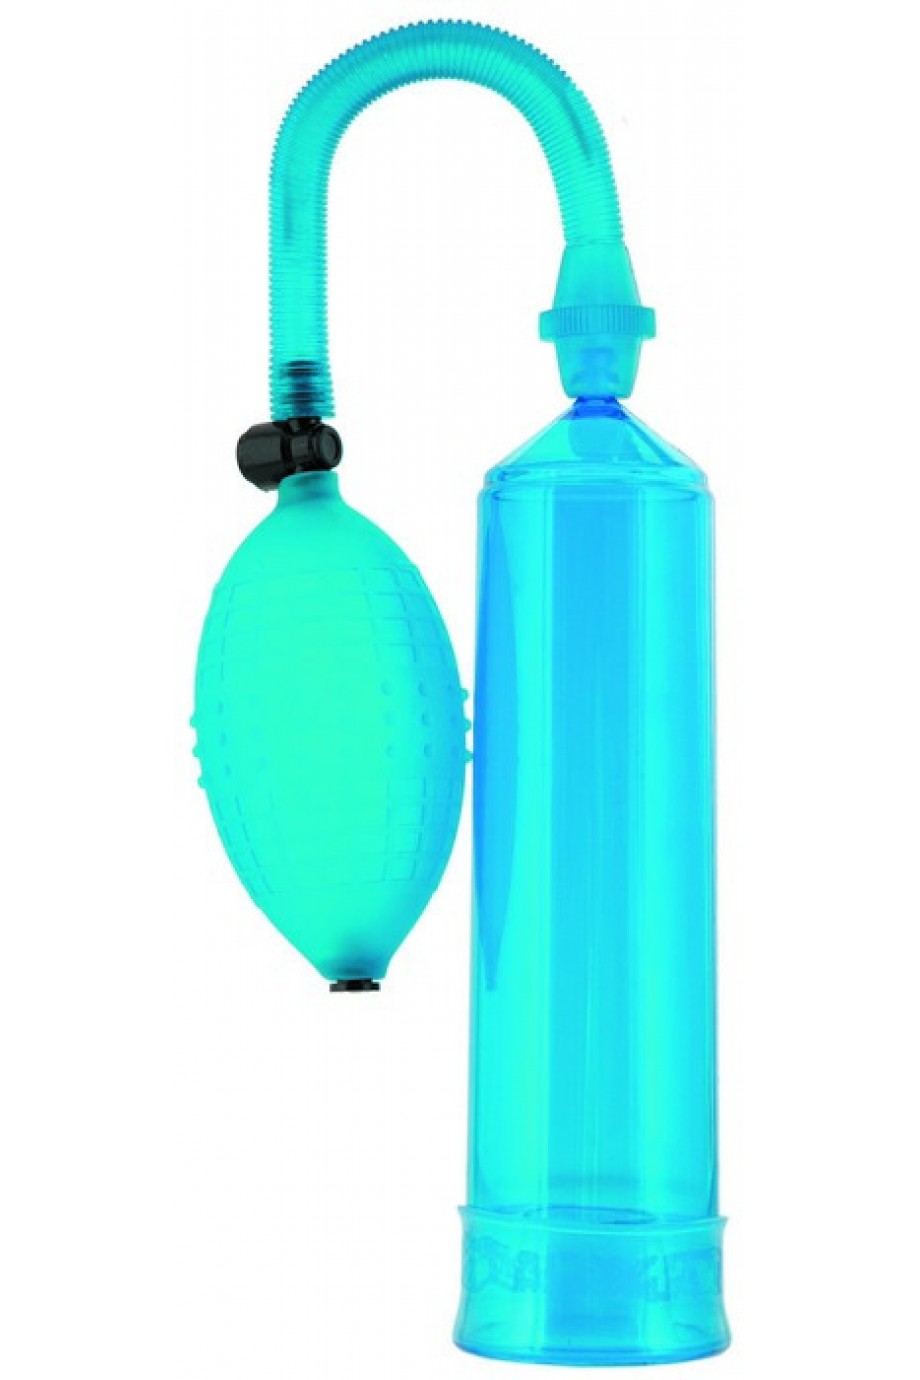 Вакуумная помпа Sexus Men, вакуумная, механическая, ABS пластик, синий, 23 см